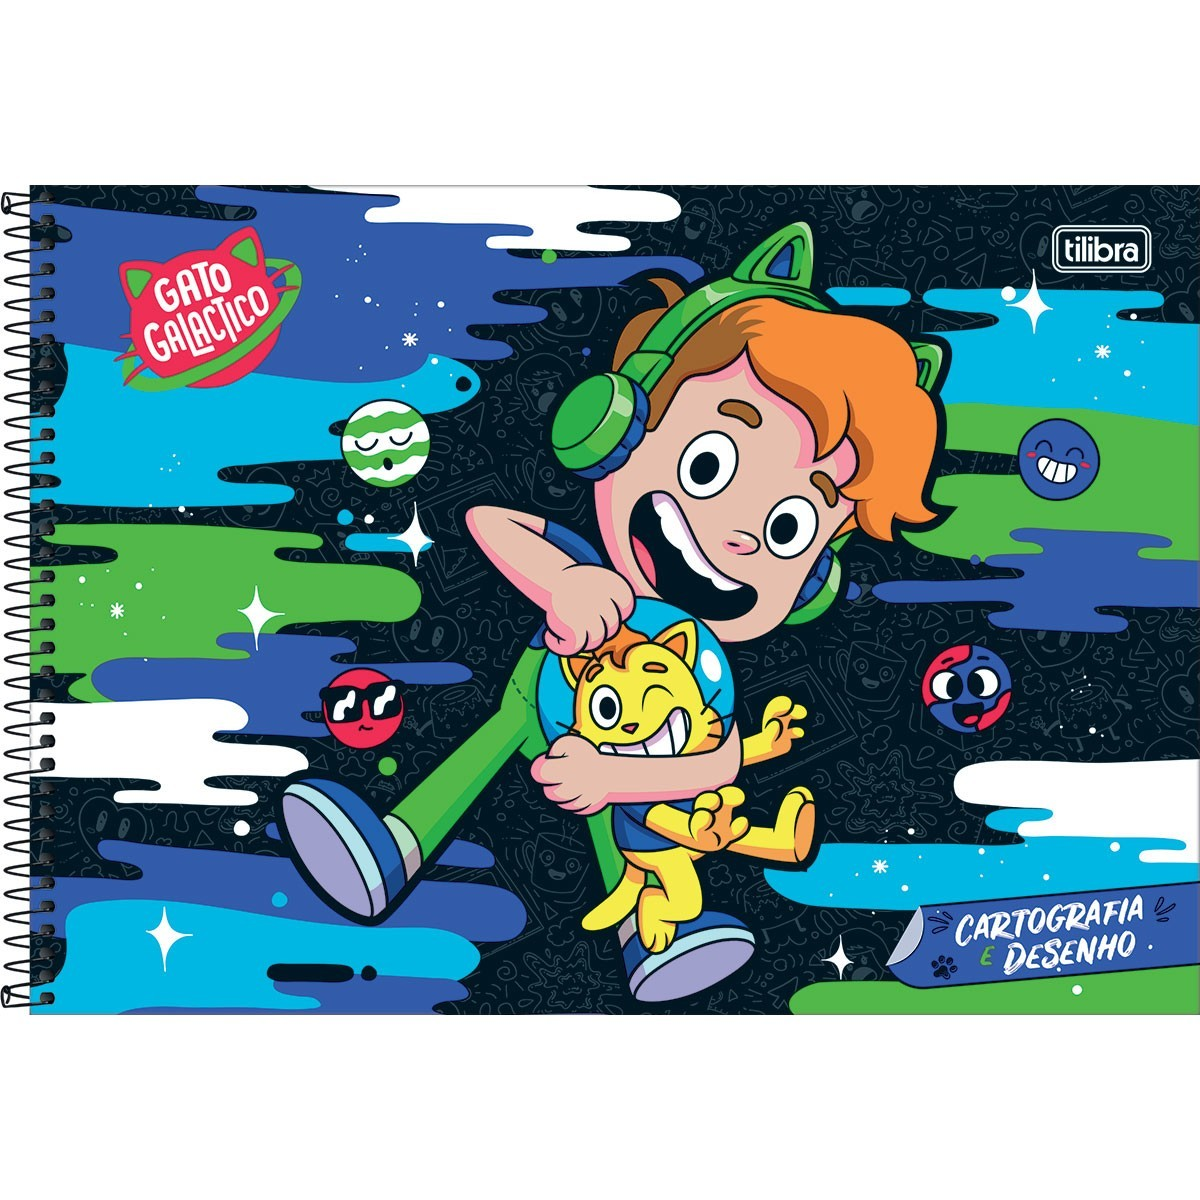 Caderno de Cartografia e Desenho Espiral Capa Dura Gato Galactico 80 Folhas